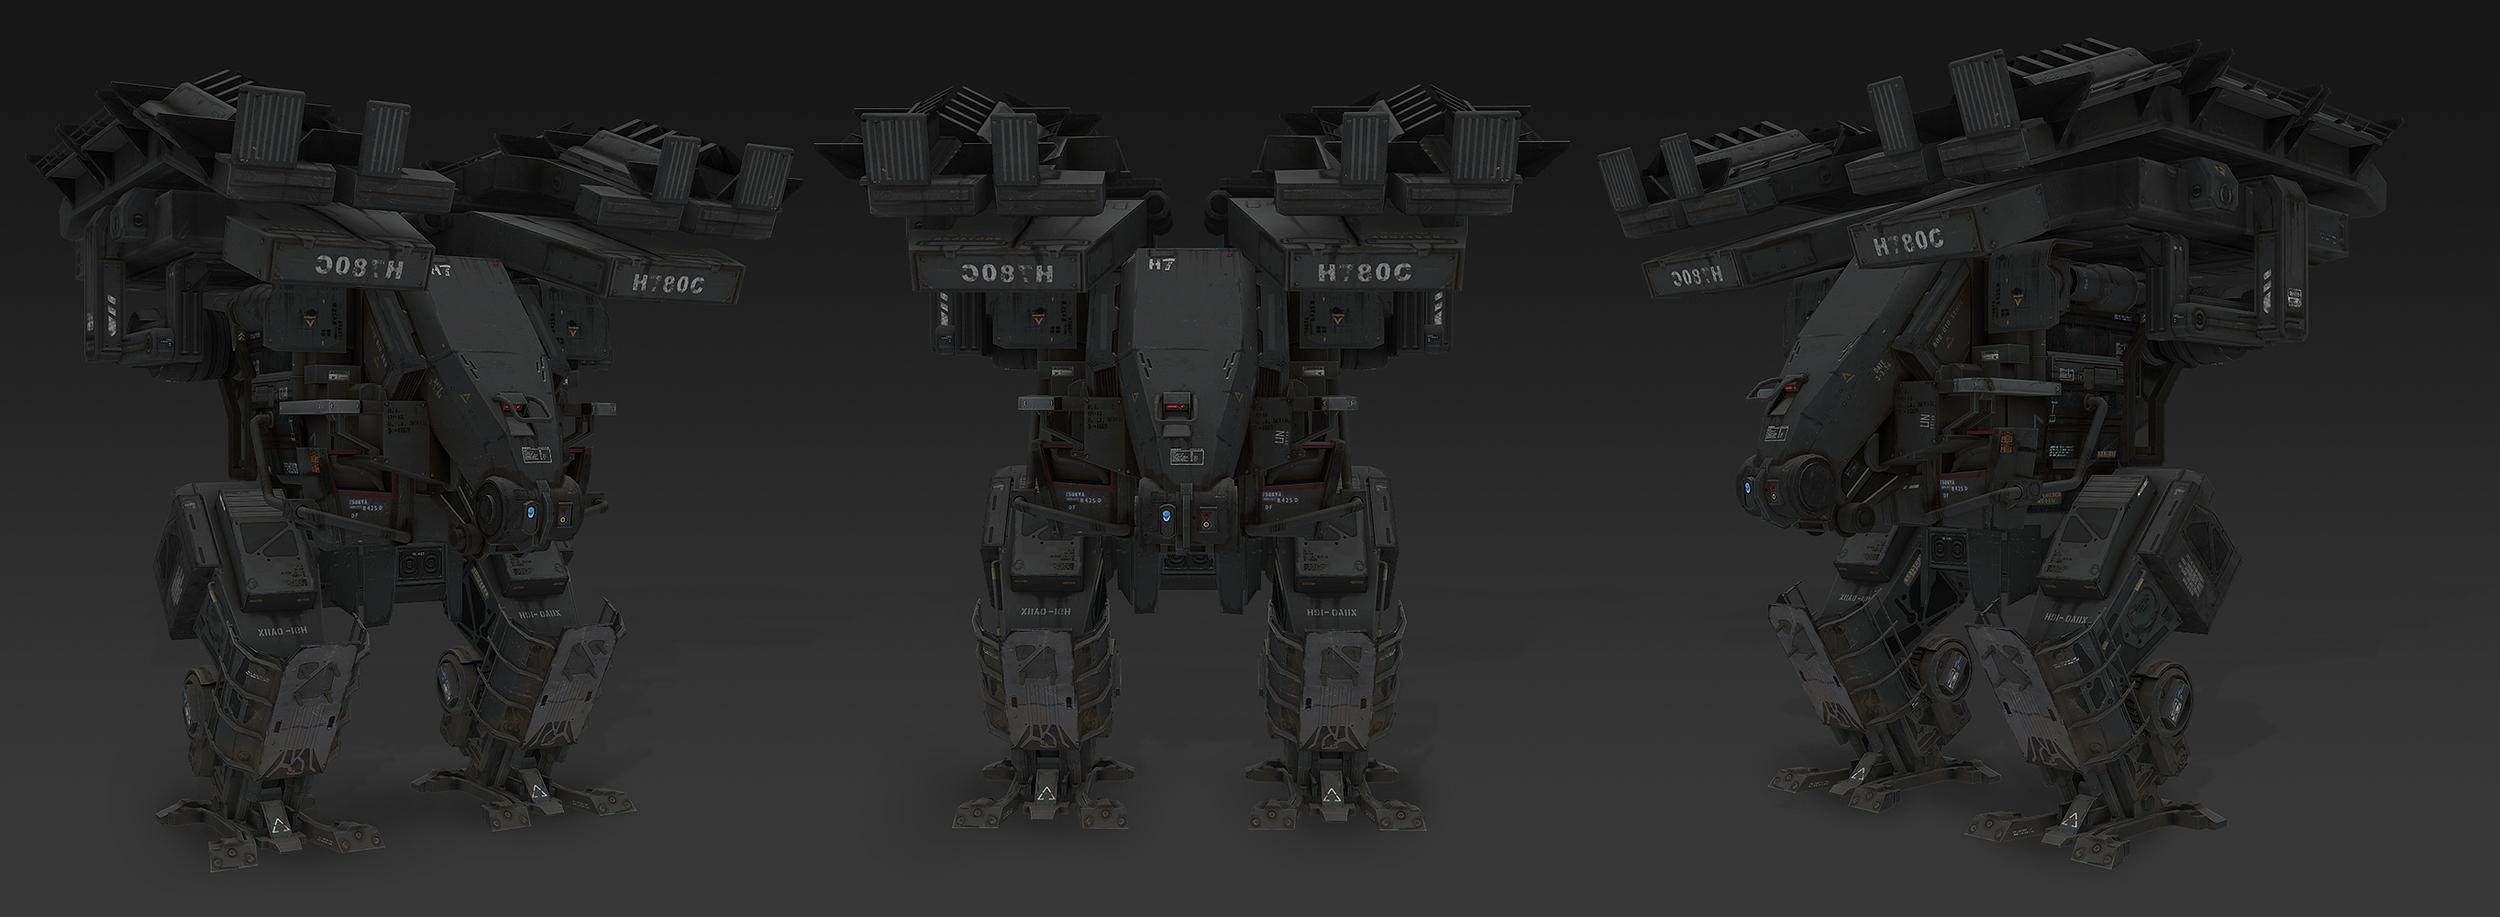 domoff_custom_dark.jpg